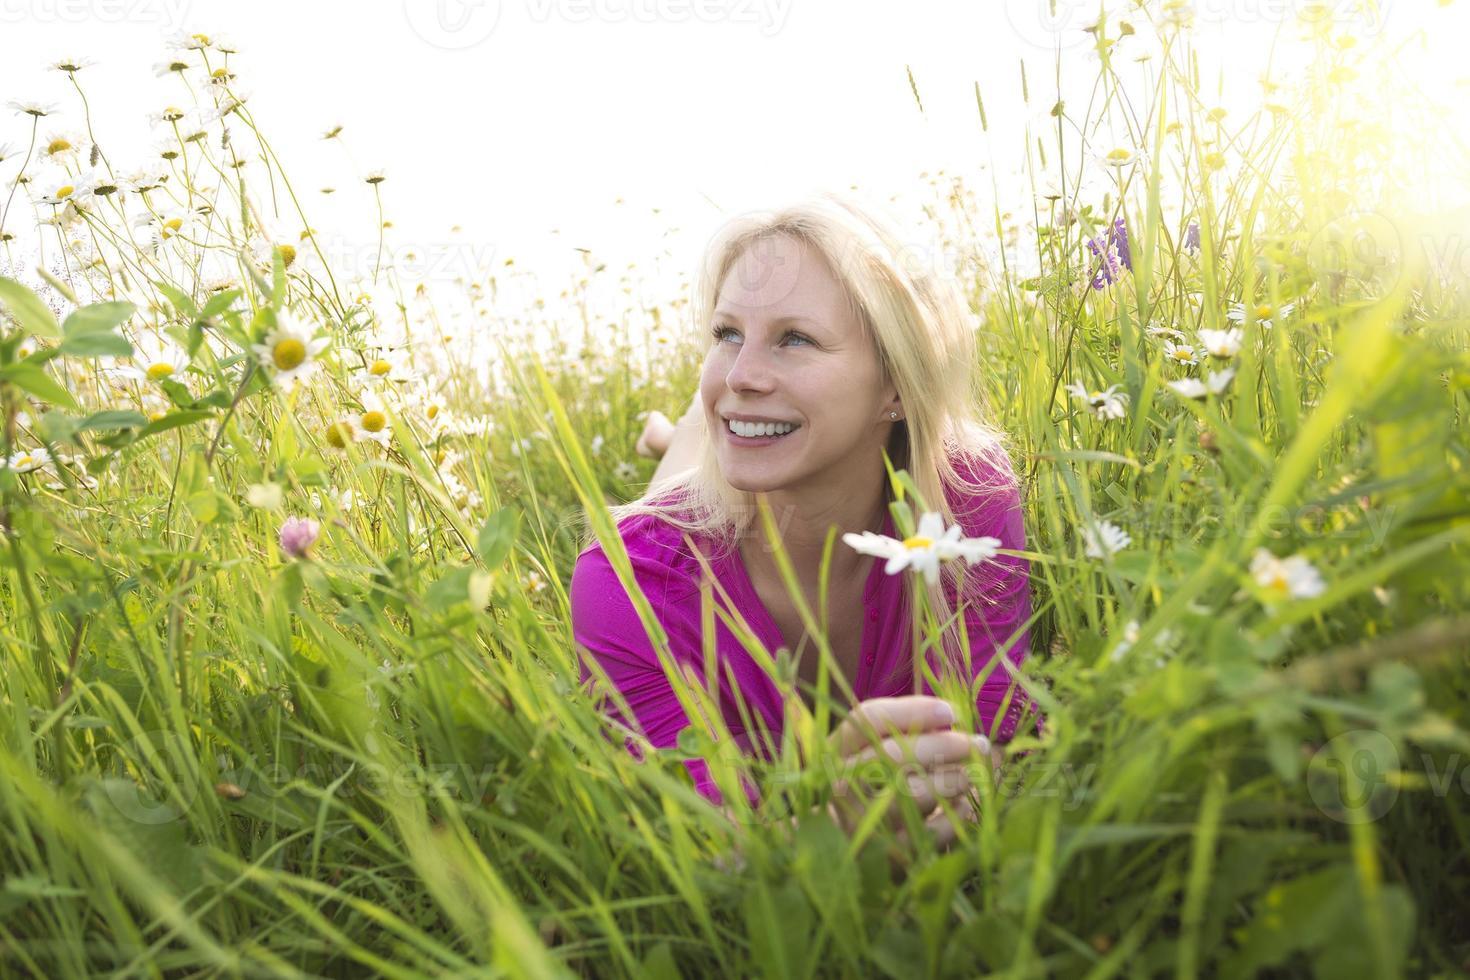 Hermosa mujer disfrutando de Margarita en un campo foto